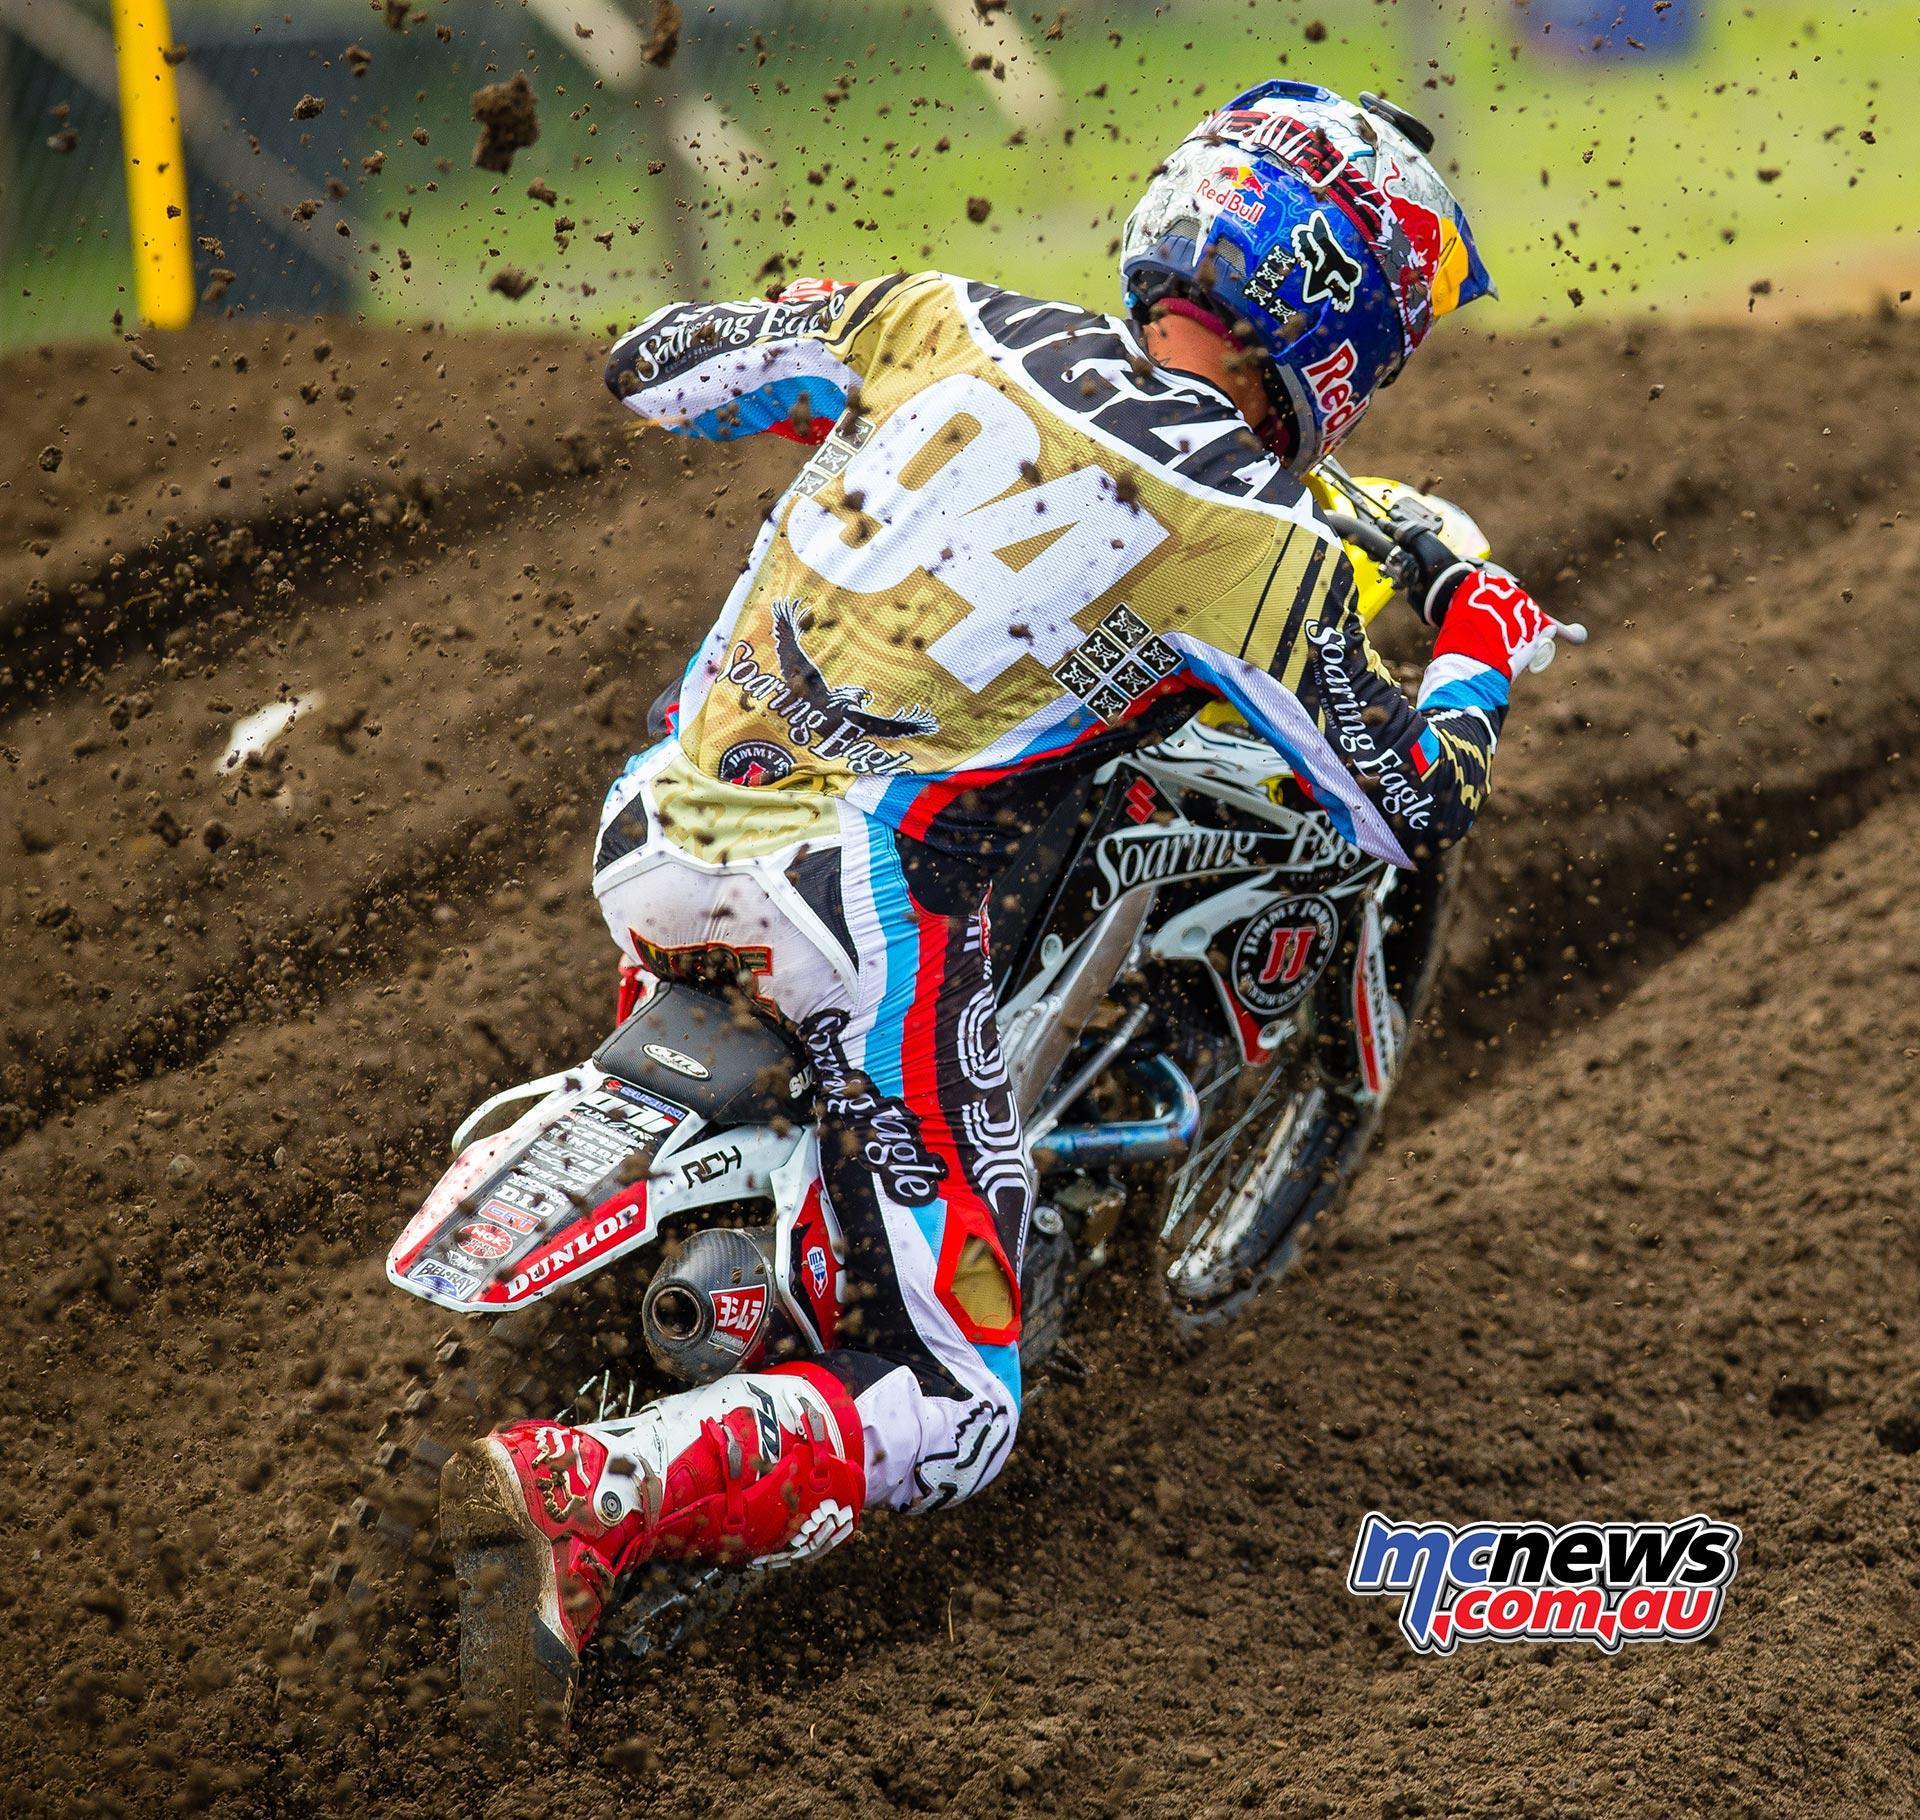 ama pro motocross 2016 round ten unadilla image by hoppenworld